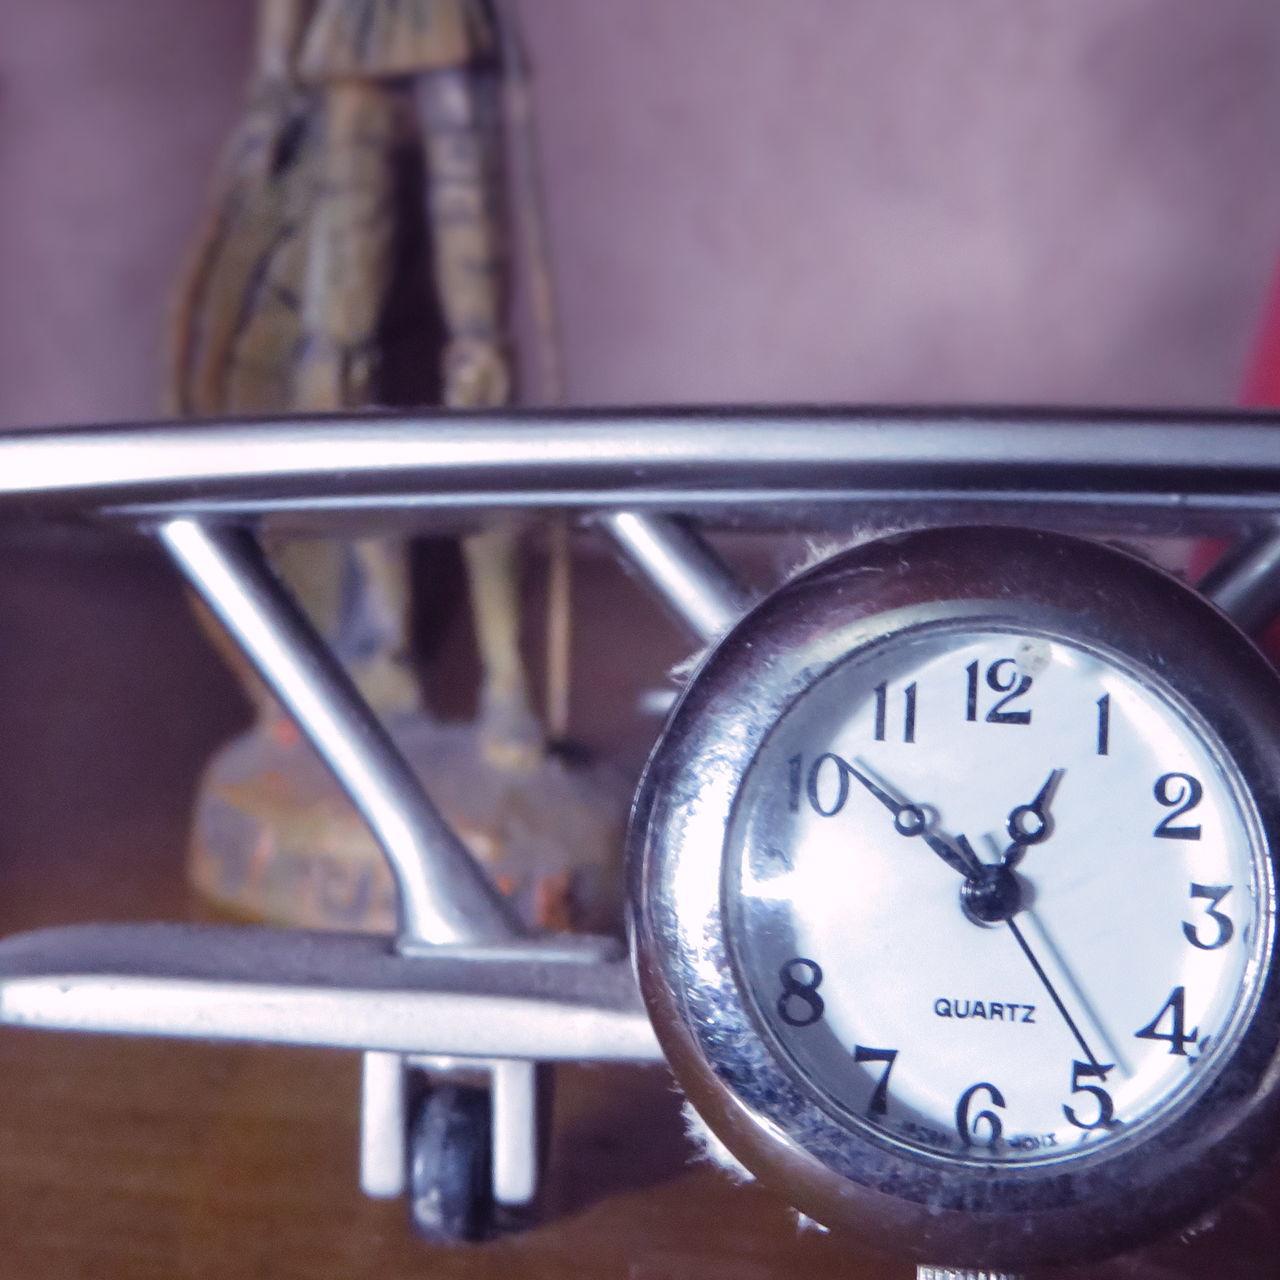 Avion Clock Don Quijote Escudo La Mancha Lanza Perry El Ornitorrinco Perry The Plattypus Plane Reloj Shield Sin Cabeza